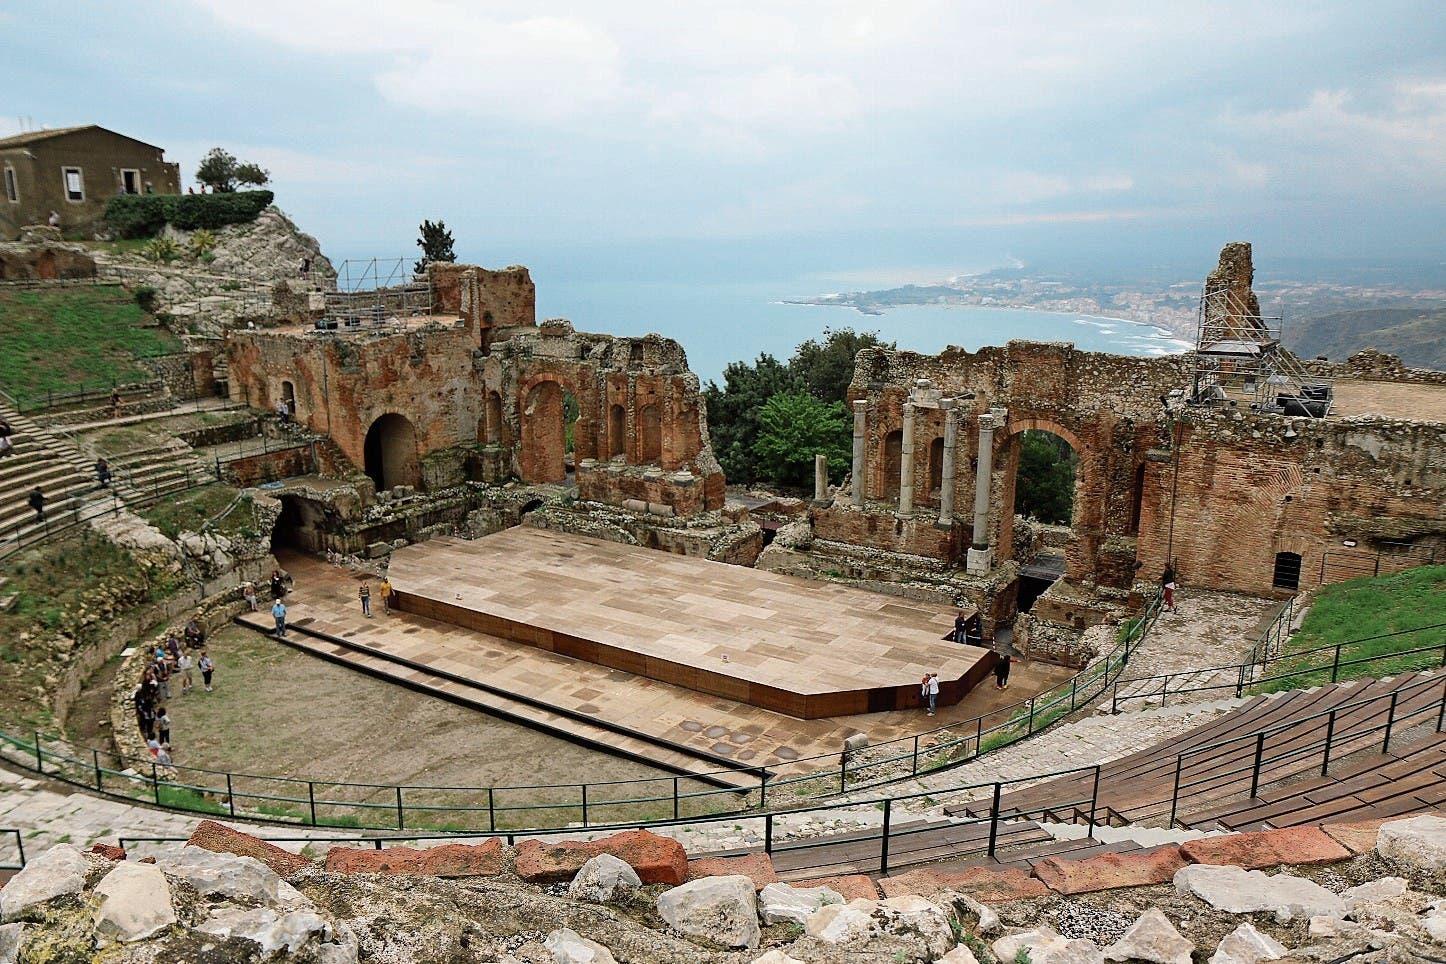 Antike und Moderne: Blick vom griechisch-römischen Theater Taormina auf die Bucht von Giardini Naxos.